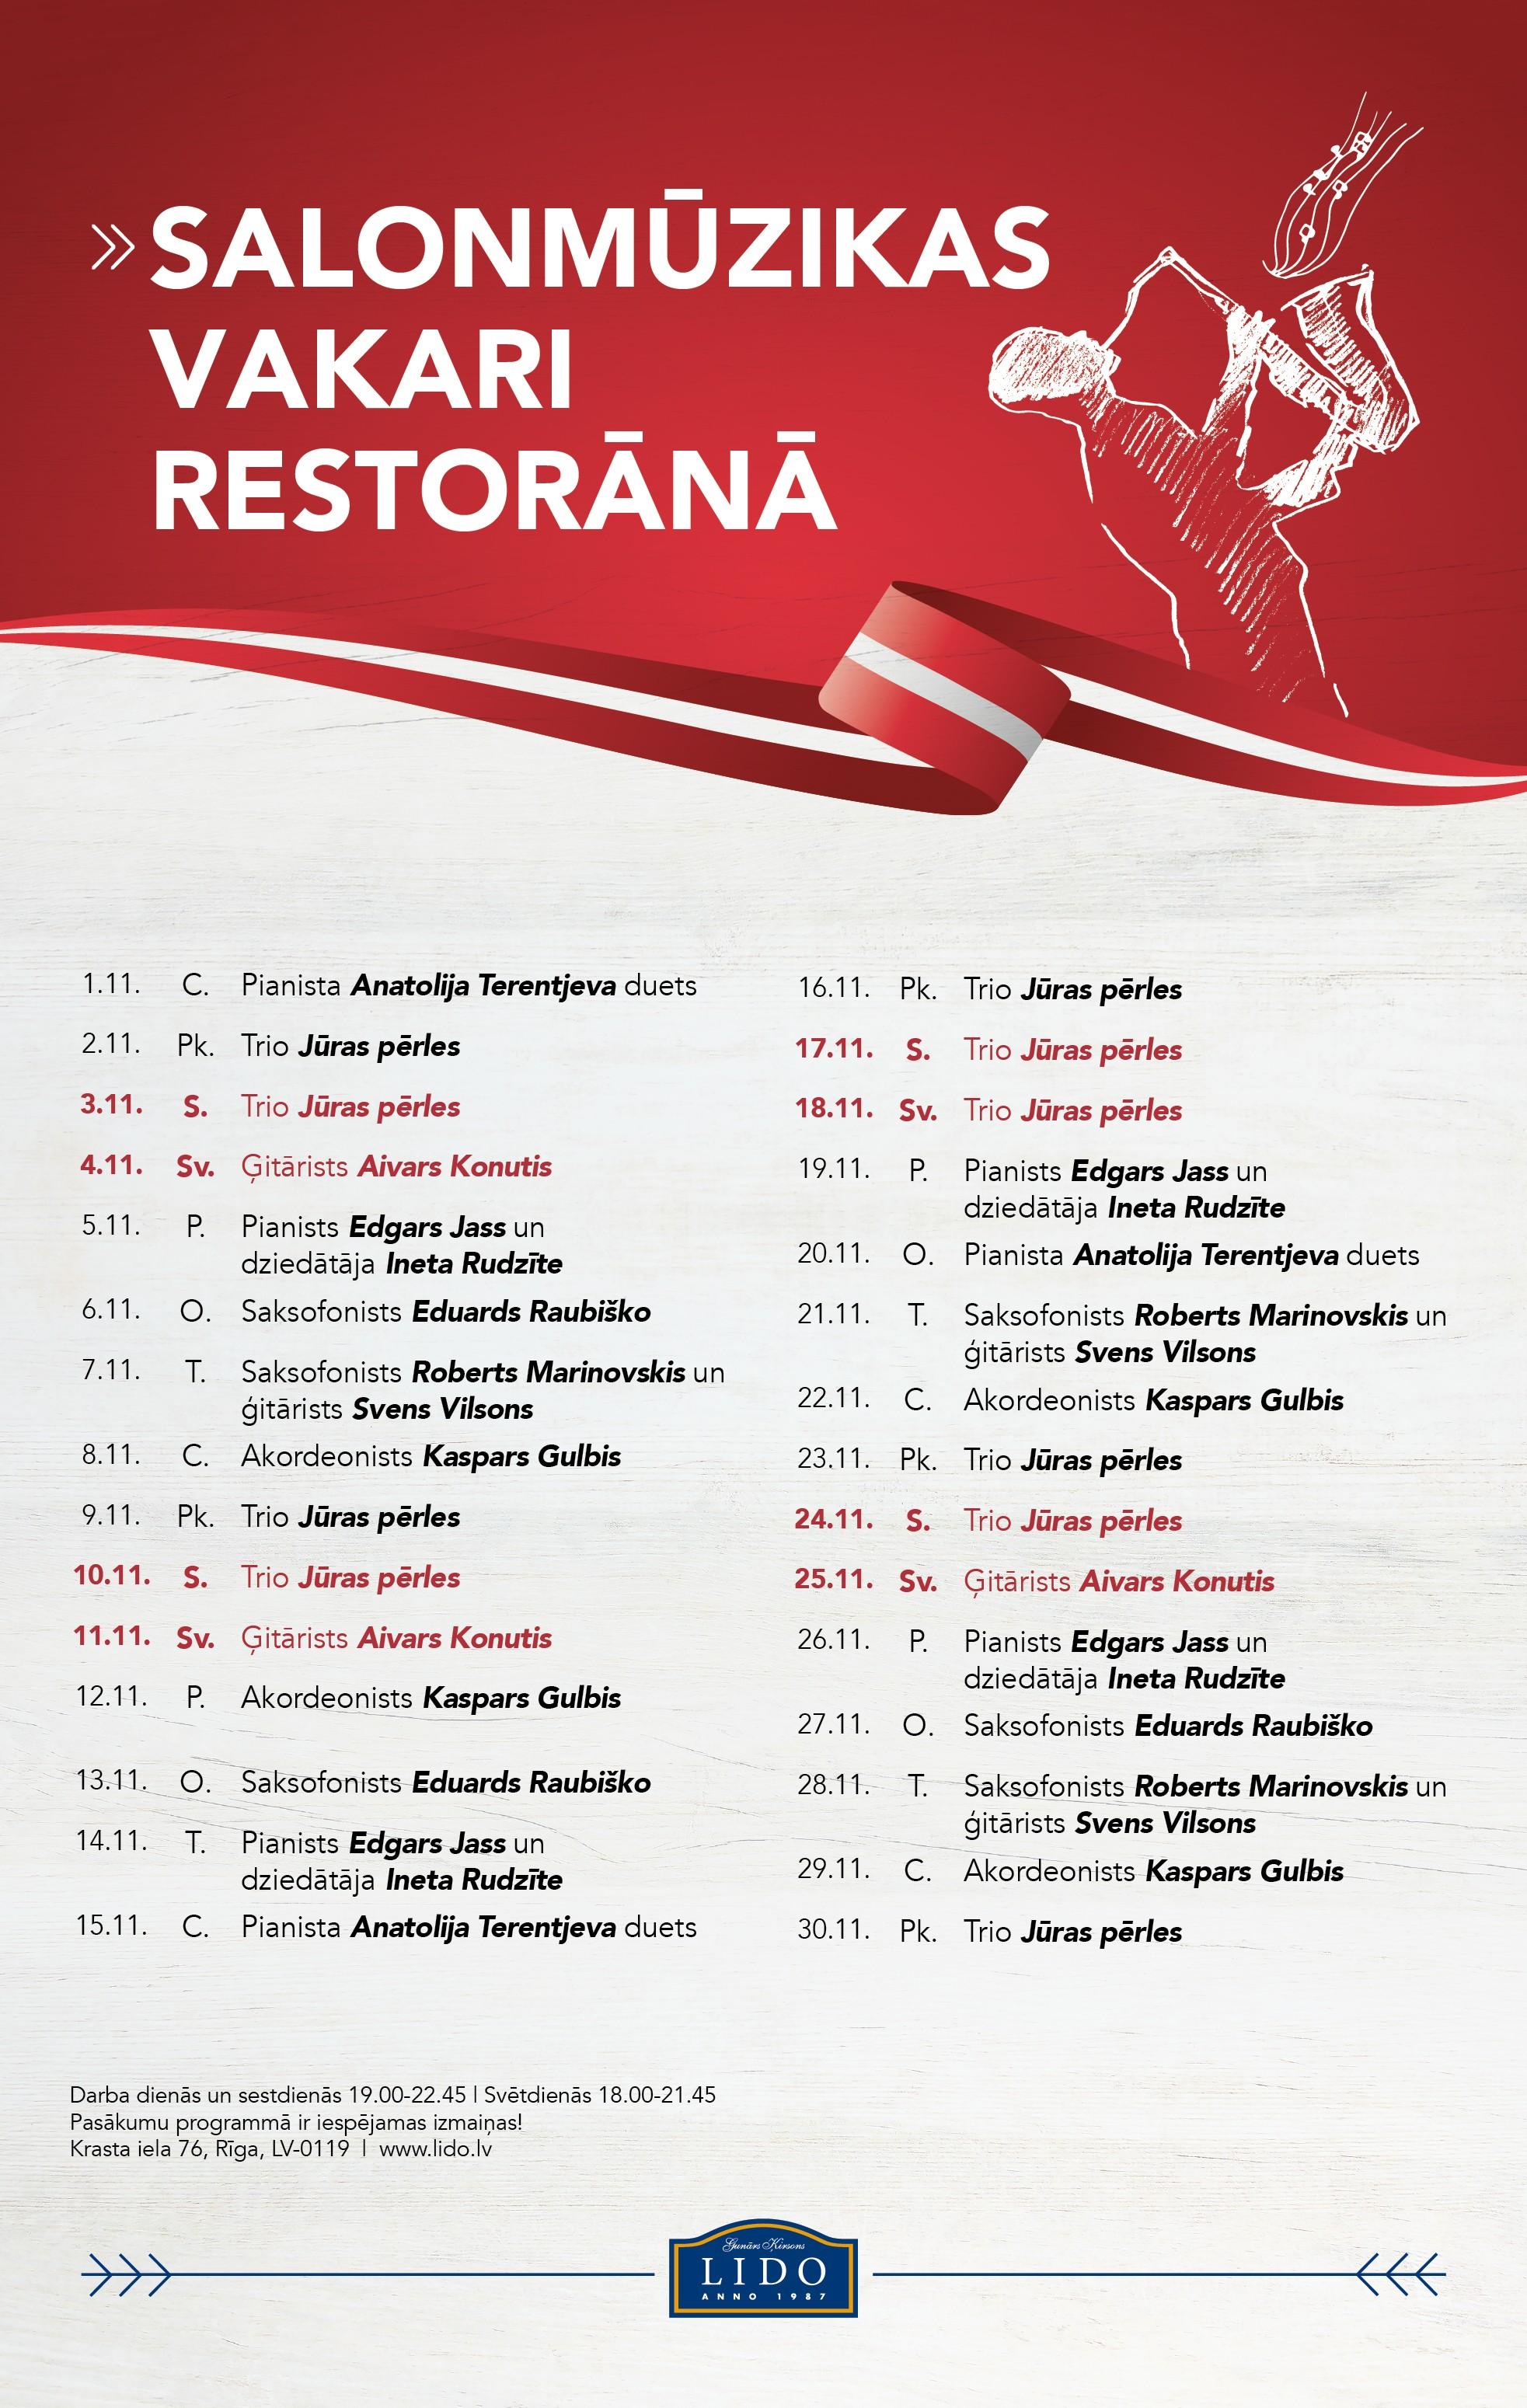 Restorana_programma_WEB.jpg